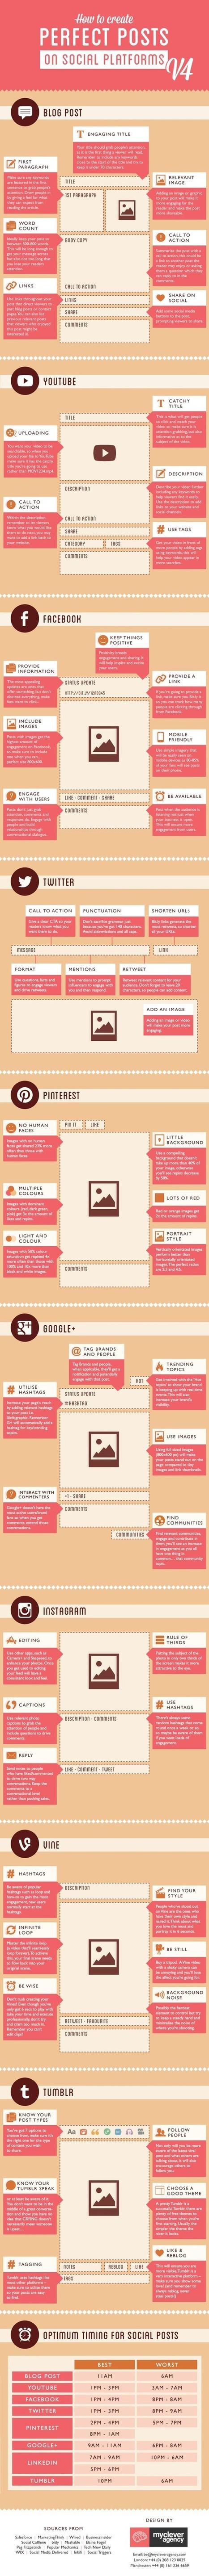 Content voor social media: tips & tricks (Infographic) | Contentmania | Scoop.it